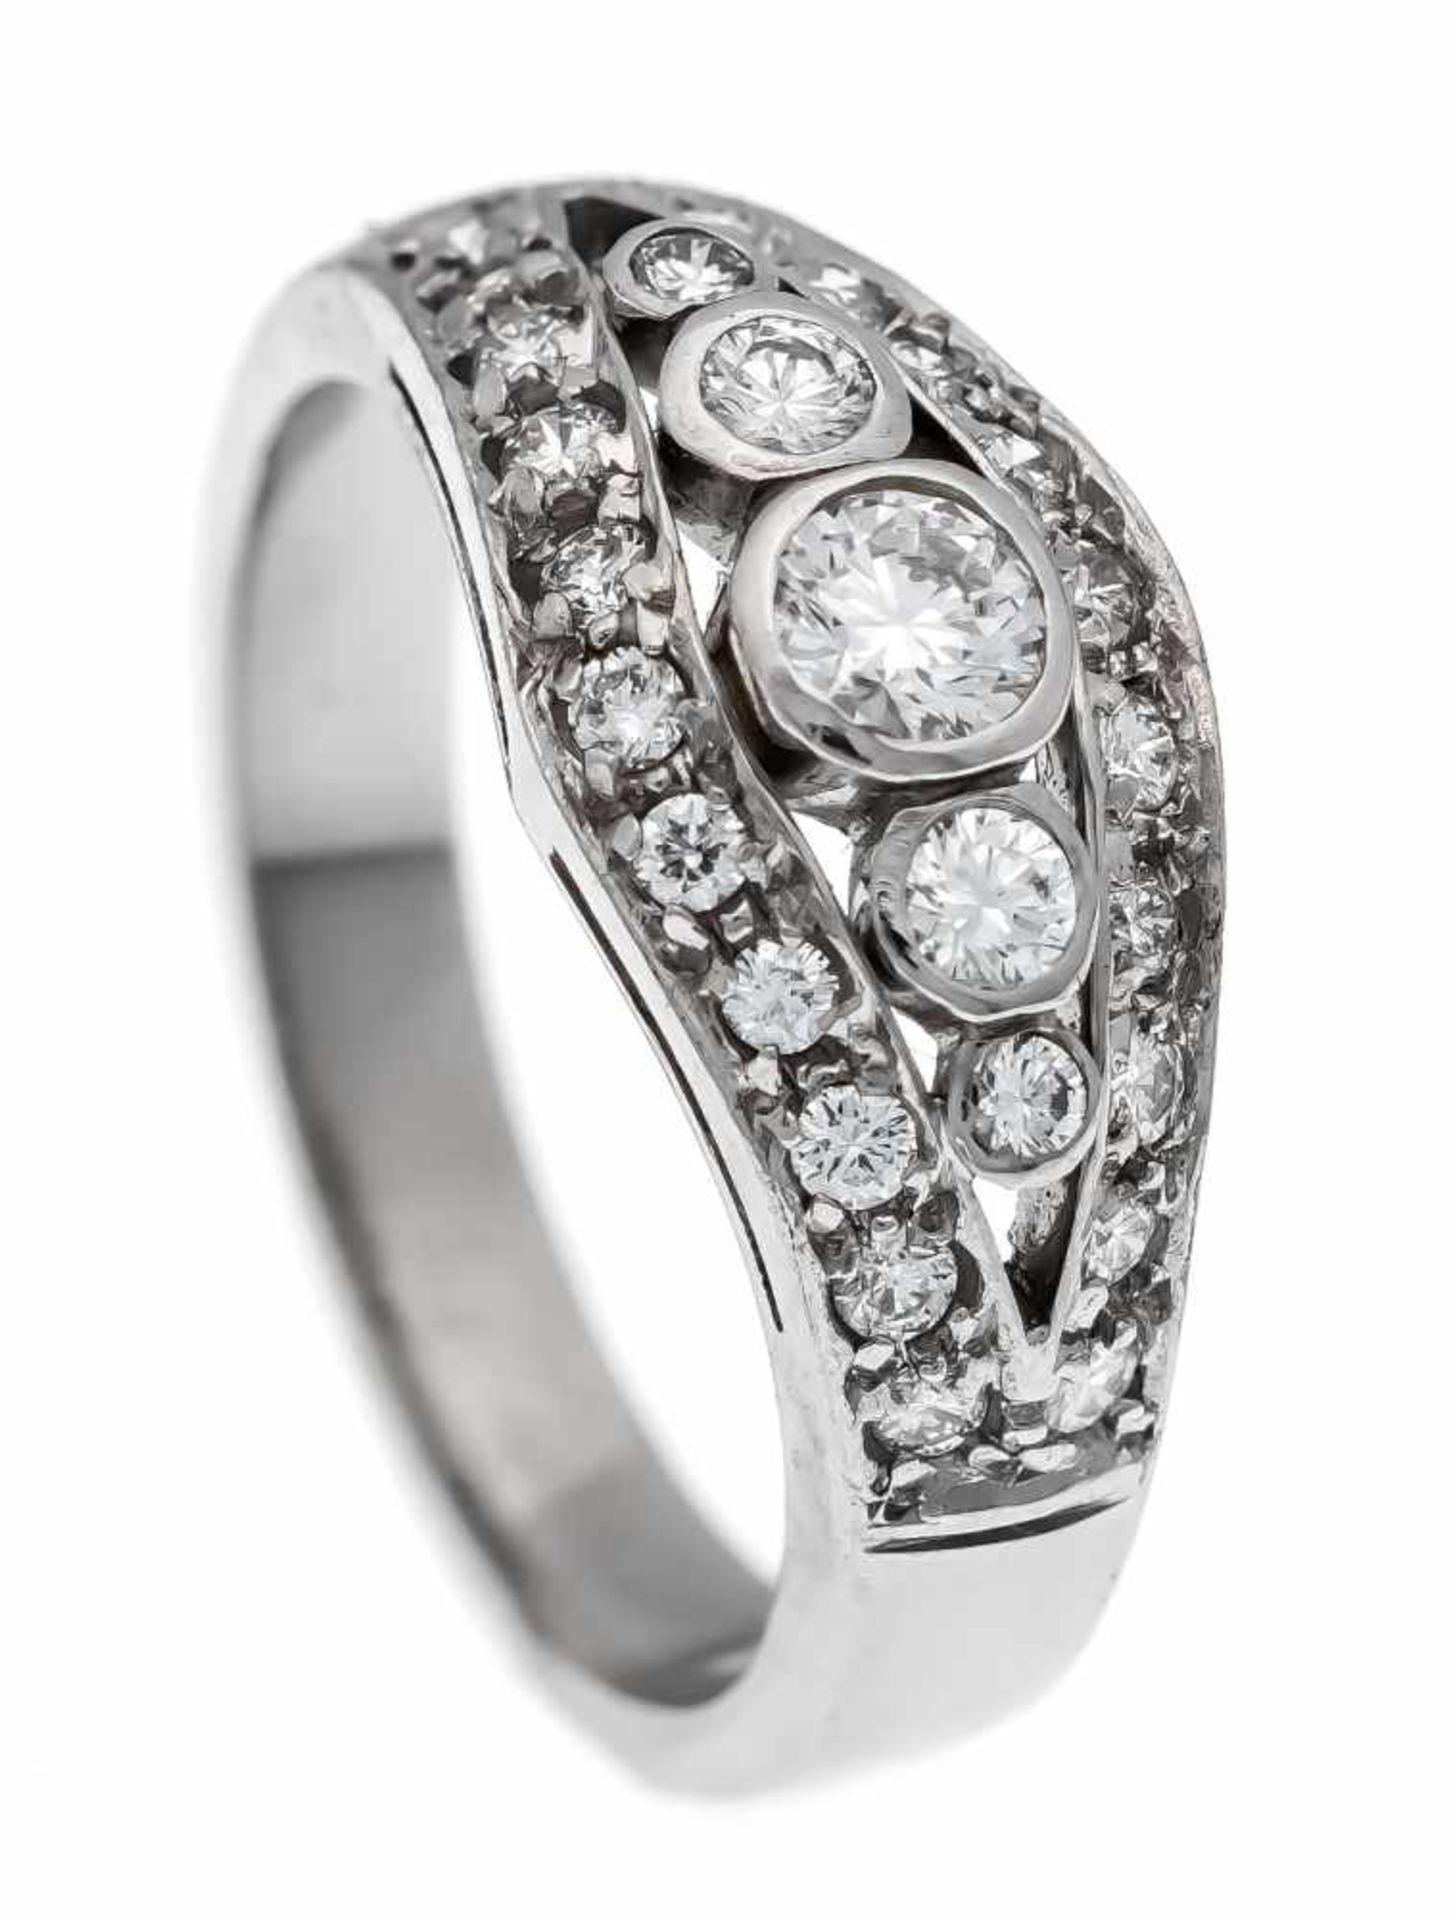 Brillant-Ring Platin 950/000 mit Brillanten, zus. 0,75 ct TW/VVS-VS, RG 54, 7,2 gBrilliant ring